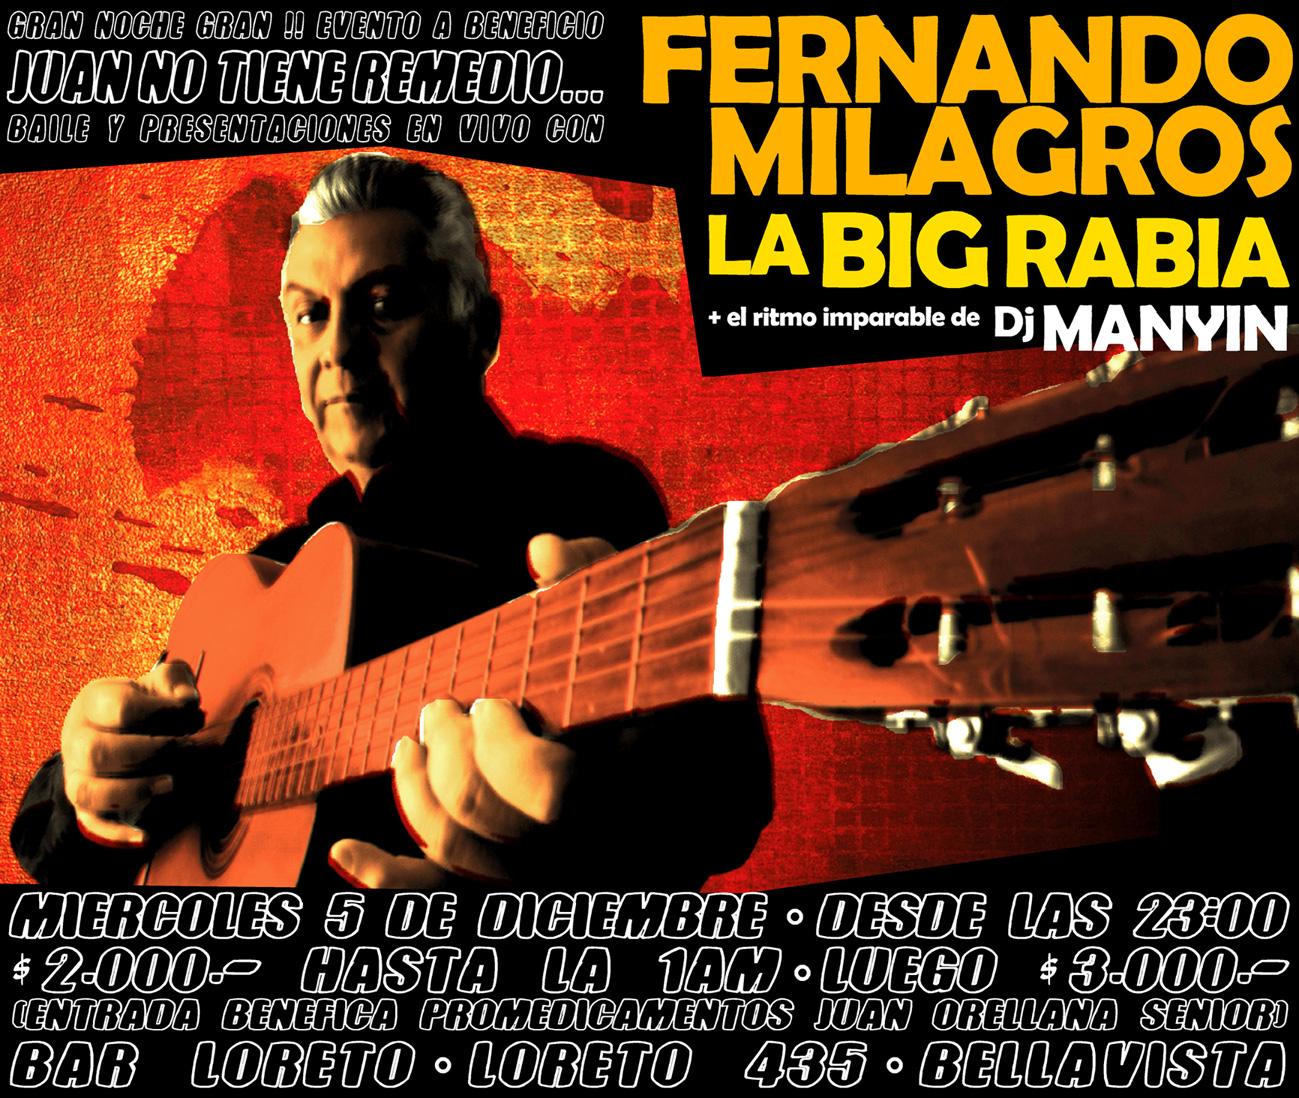 La BIG Rabia y Fernando Milagros se presentan en evento a beneficio